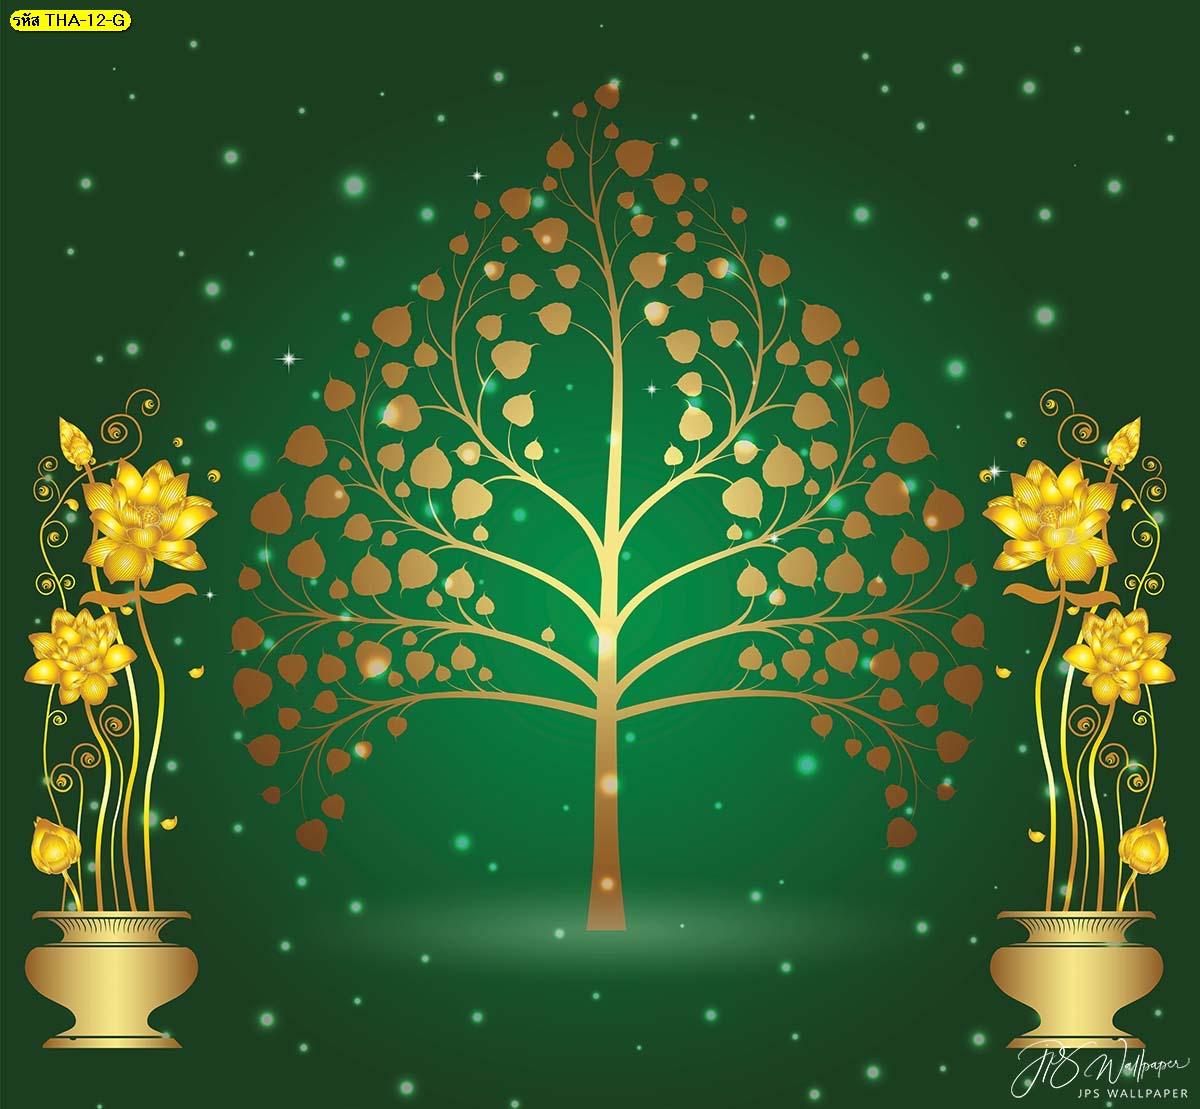 วอลเปเปอร์ลายไทยต้นโพธิ์แจกันดอกบัวพื้นหลังสีเขียว ภาพสั่งทำแจกันดอกบัว